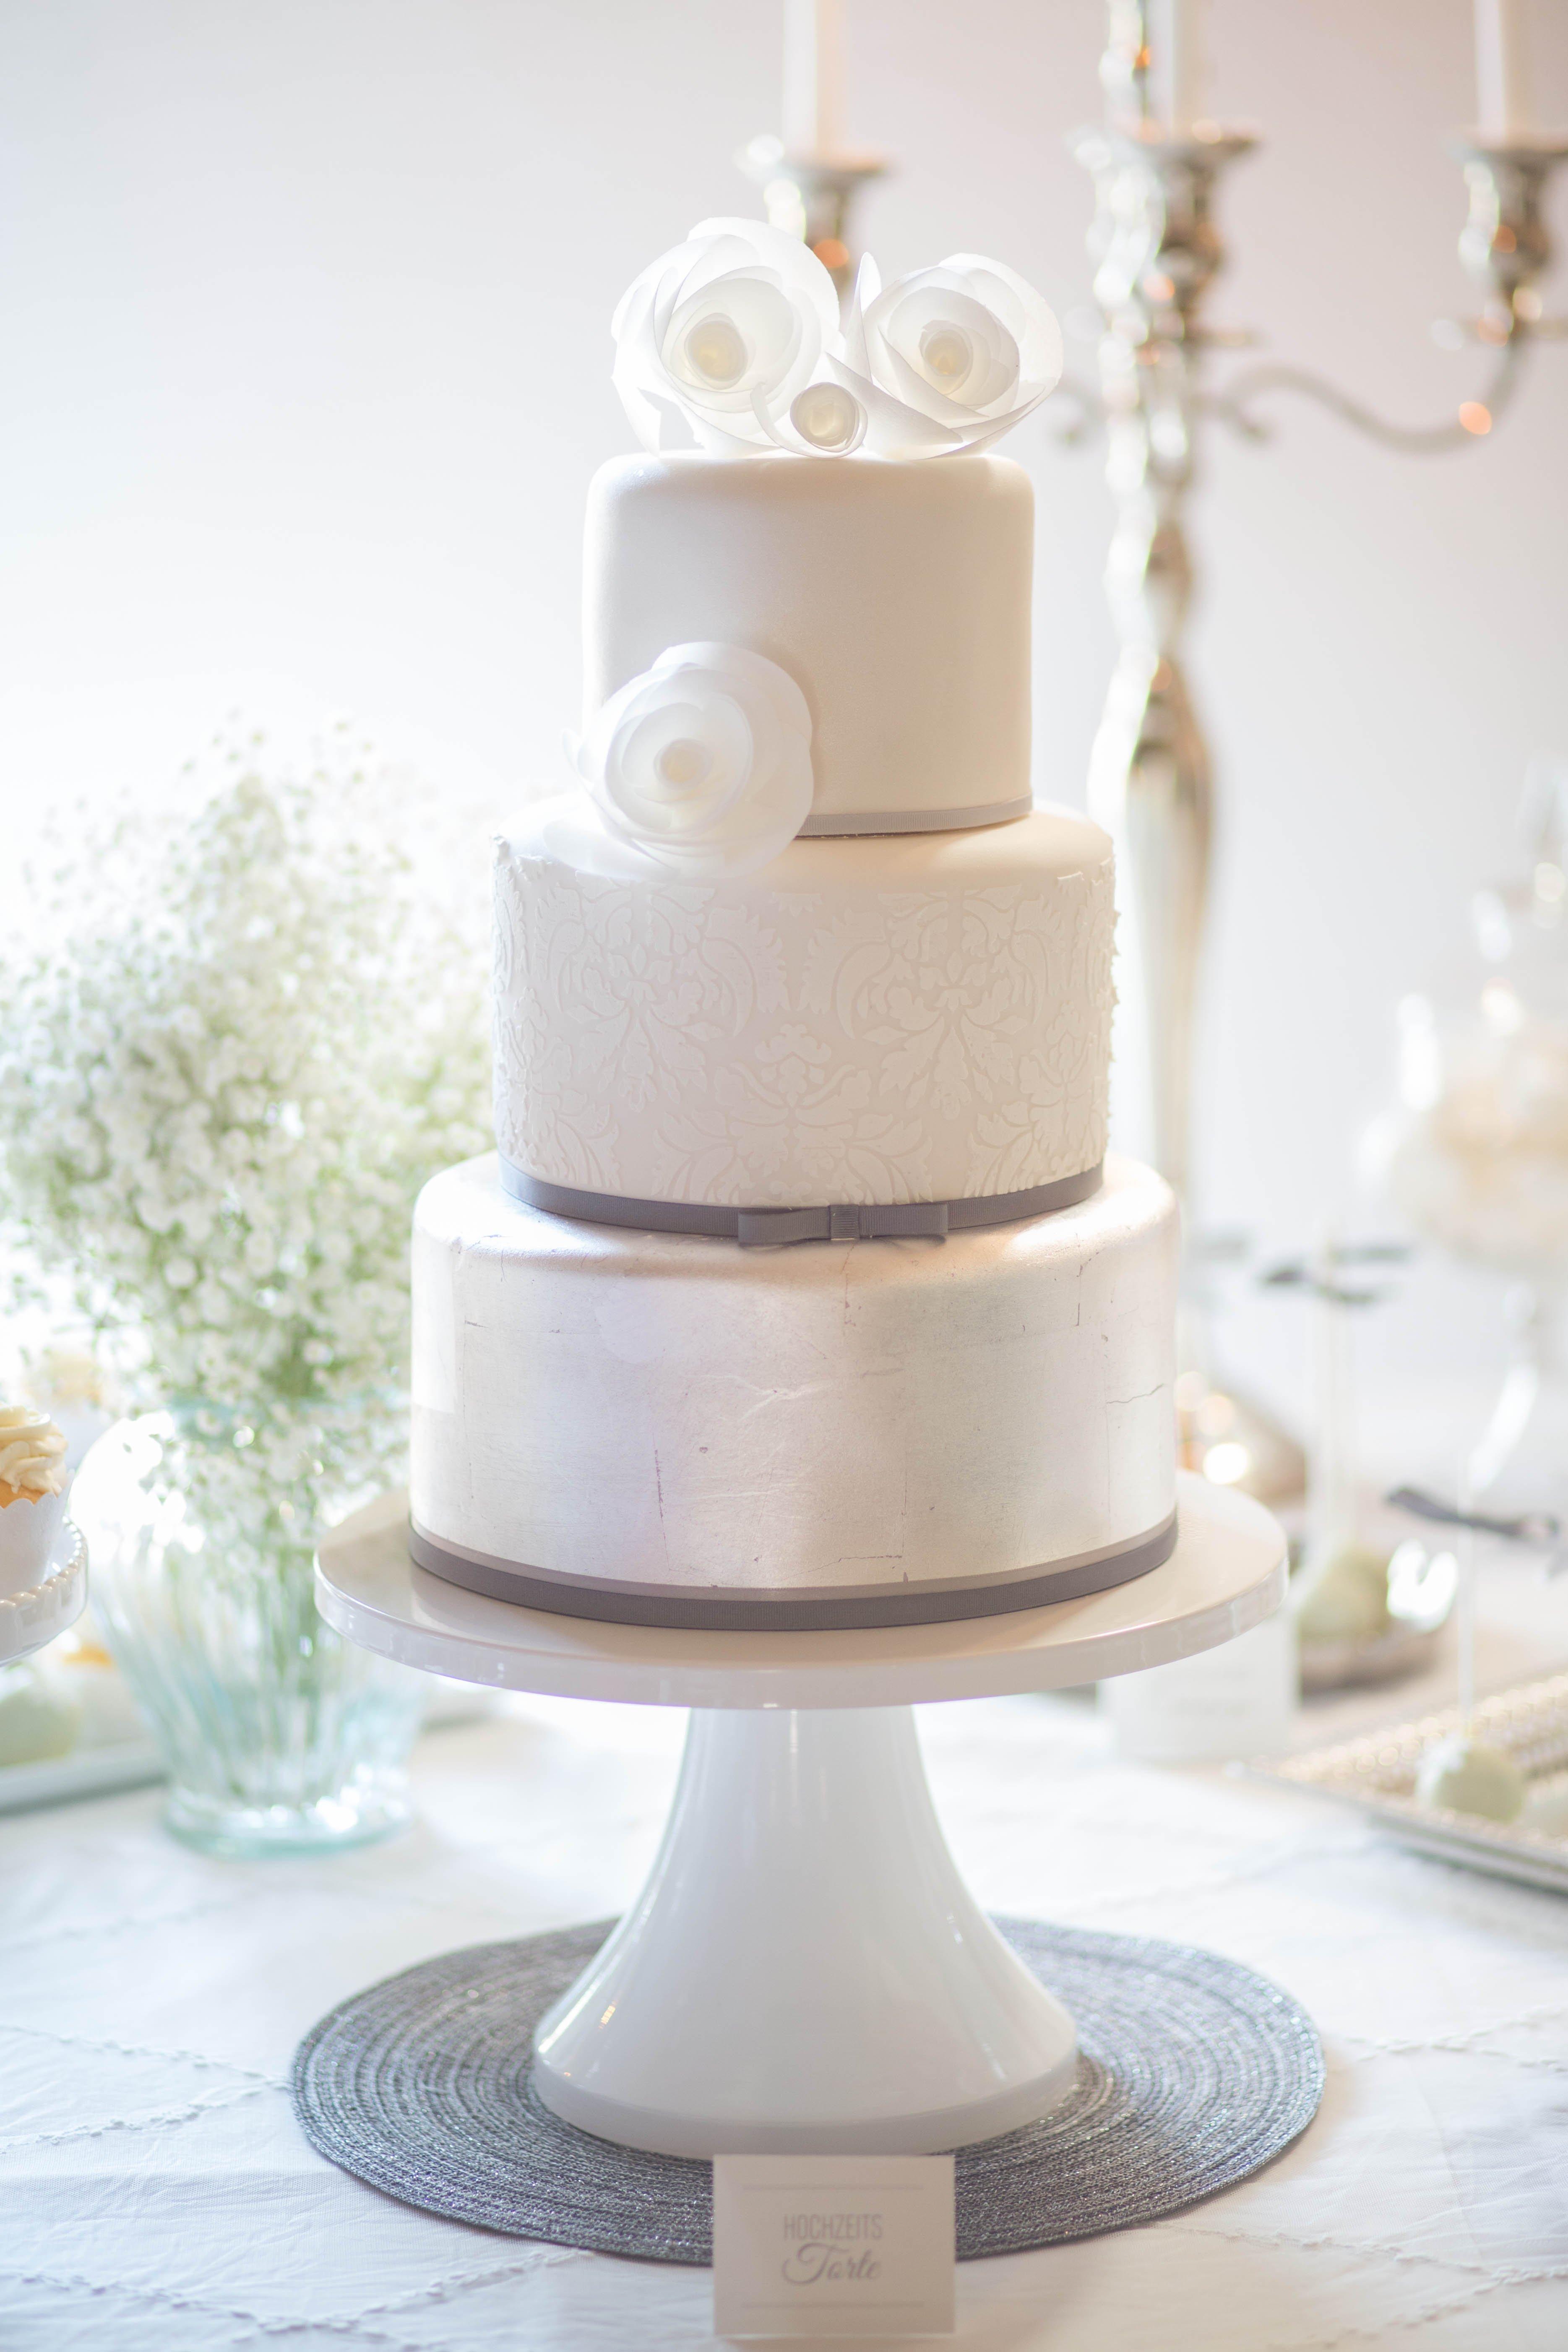 Winter Hochzeitstorte weiß silber